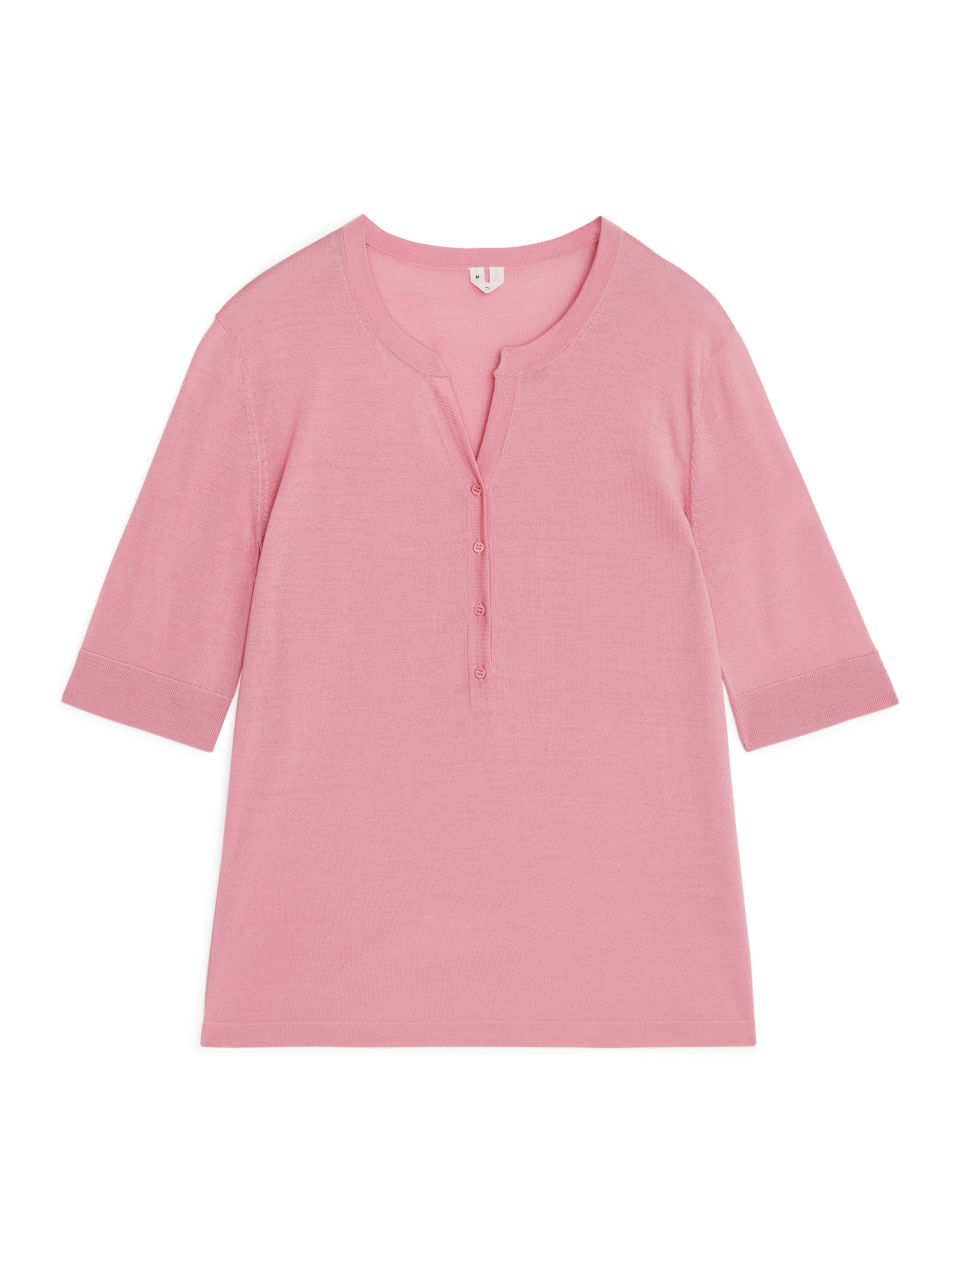 Merino Henley Top - Pink